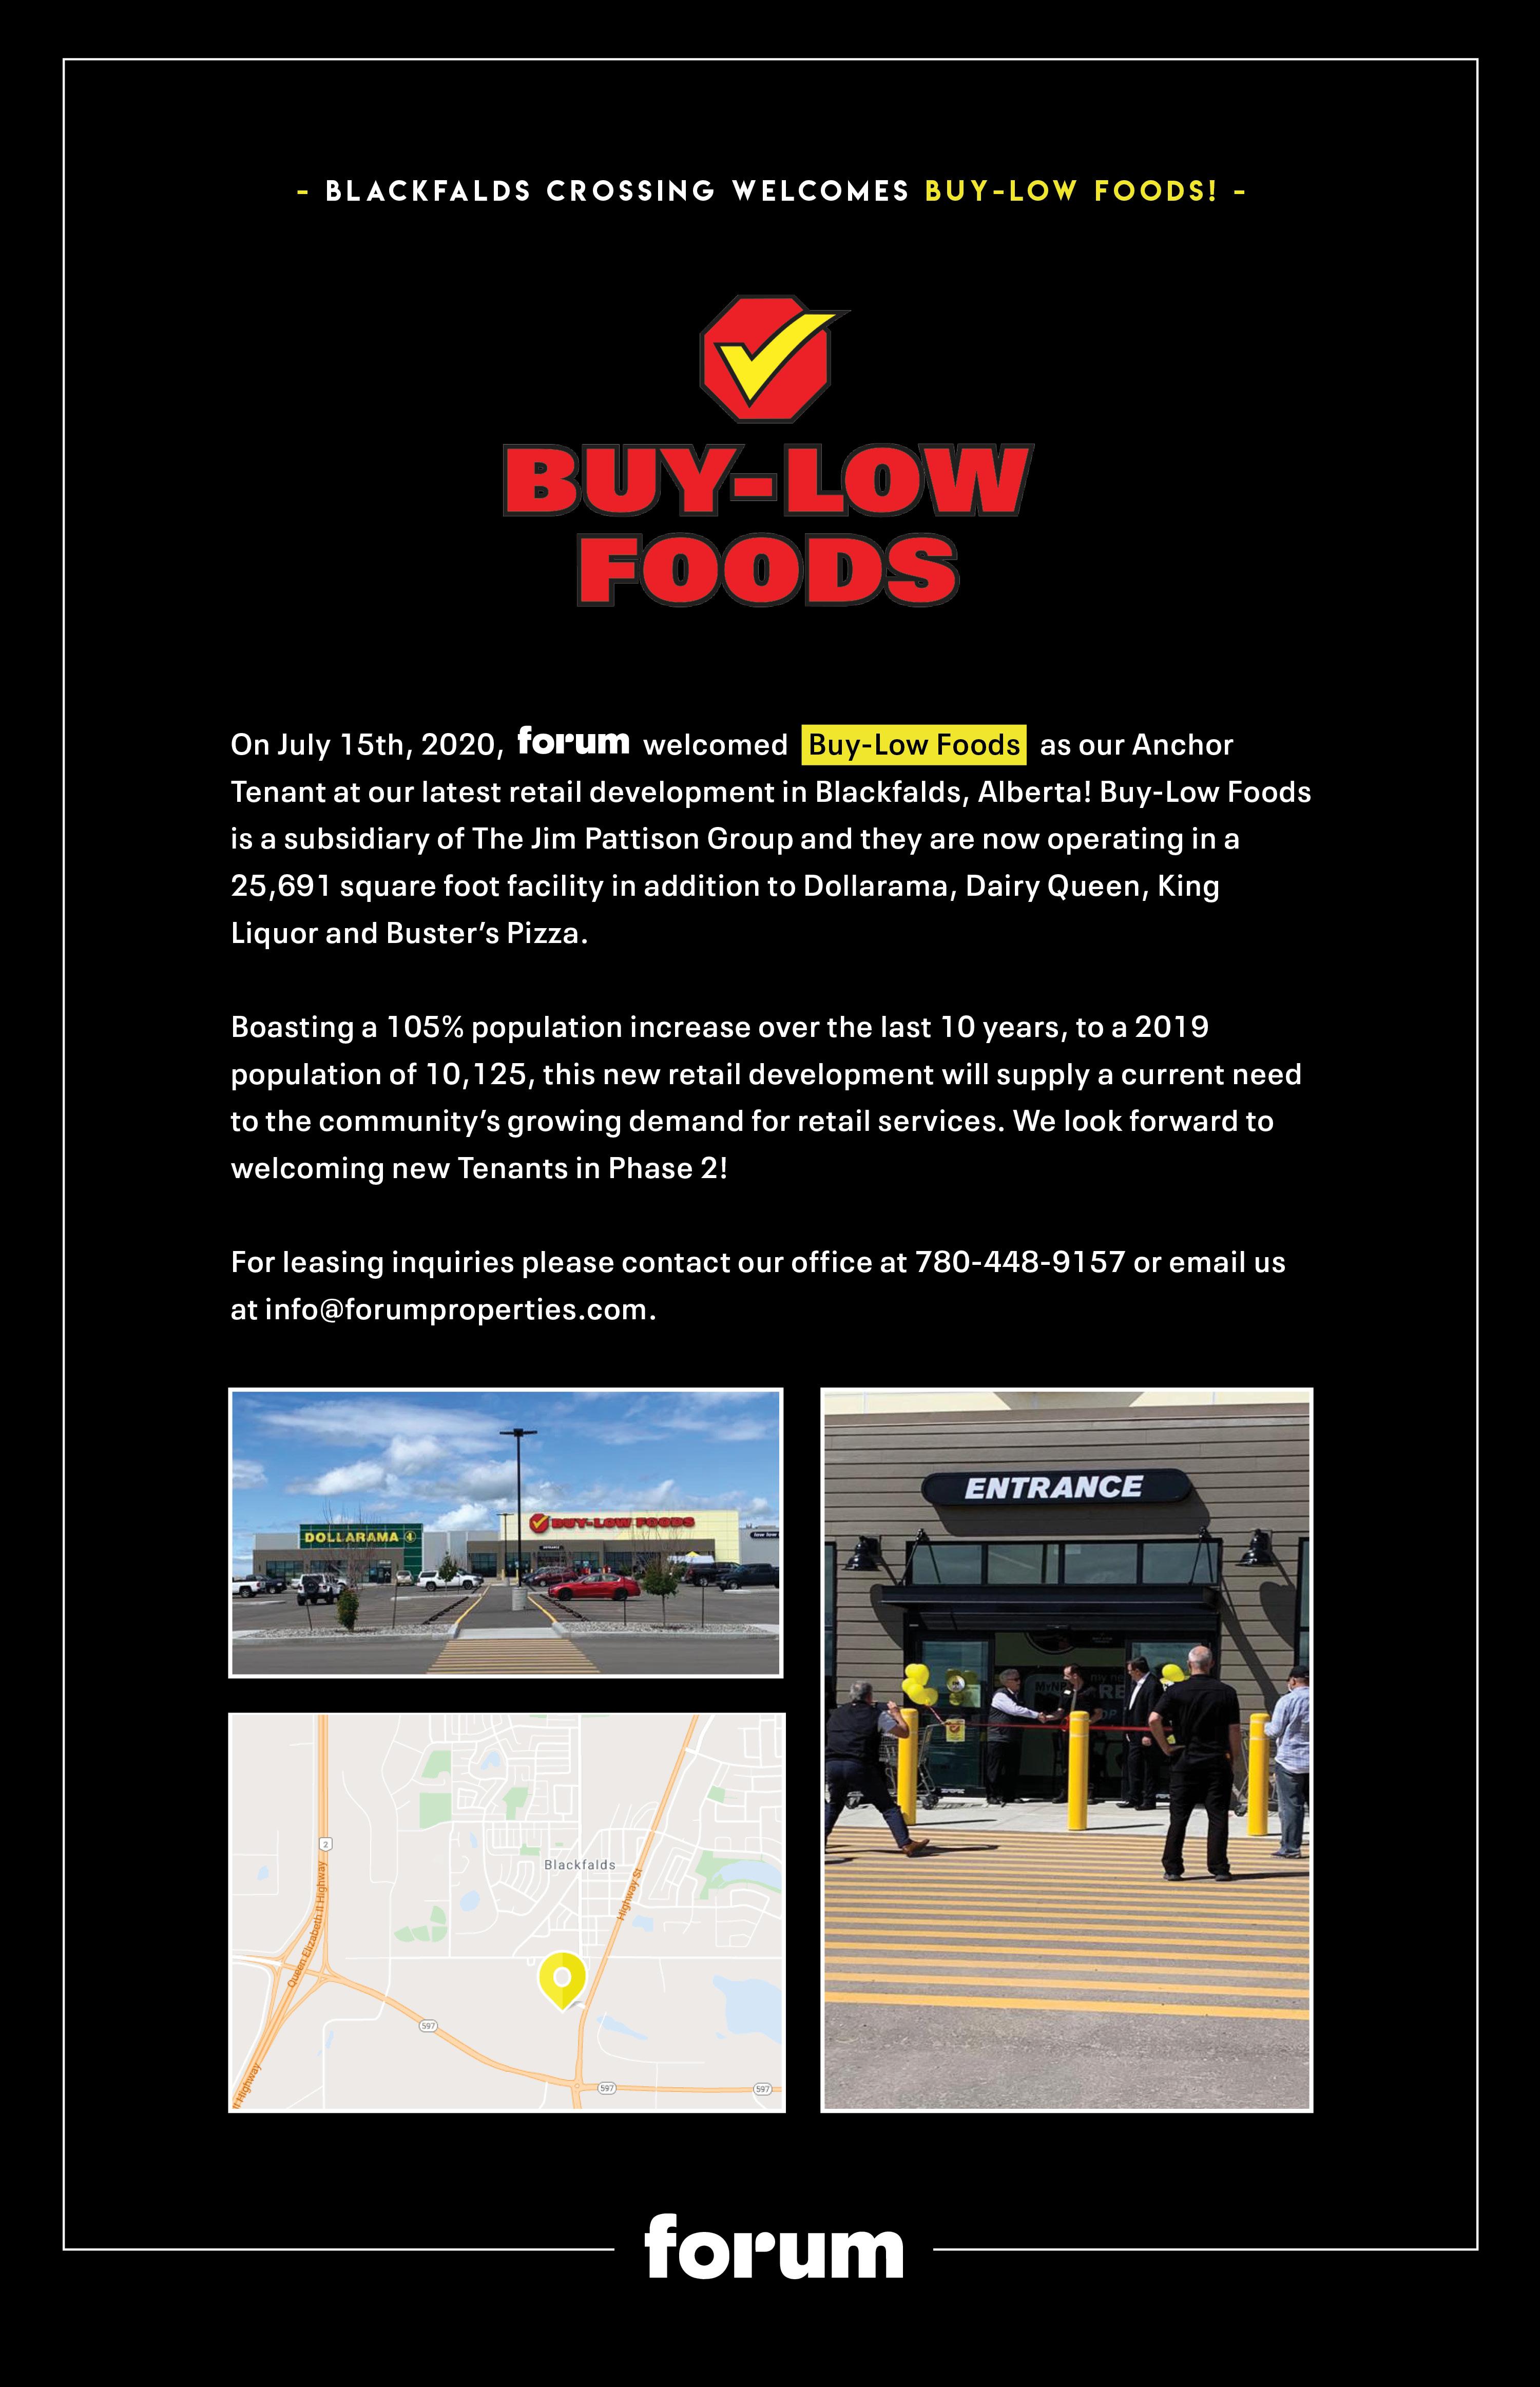 forum welcomes Buy Low Foods